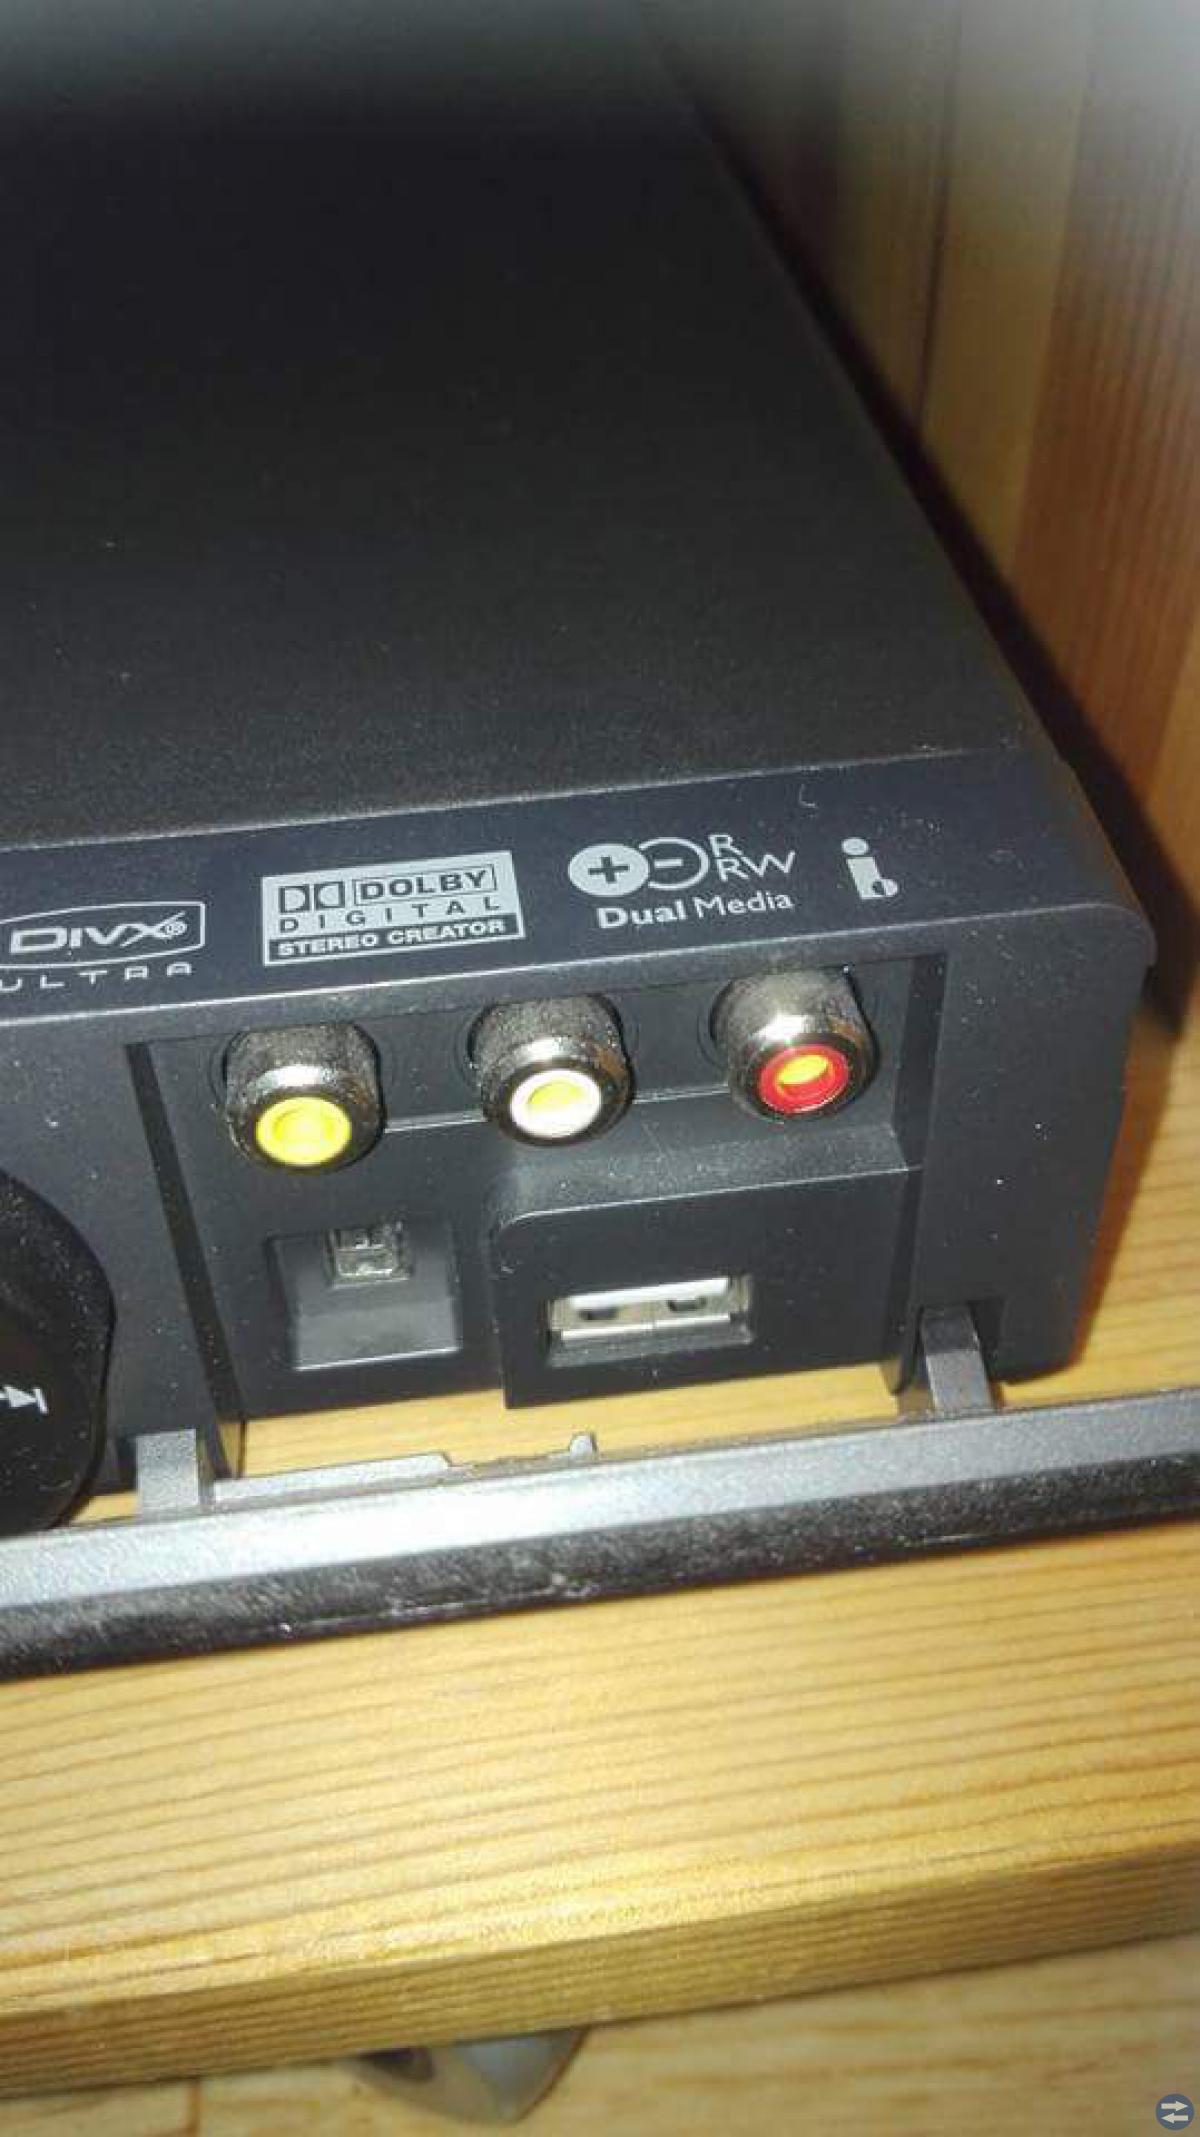 Oanvänd inspelning dvd Philips med hdmi-uttag